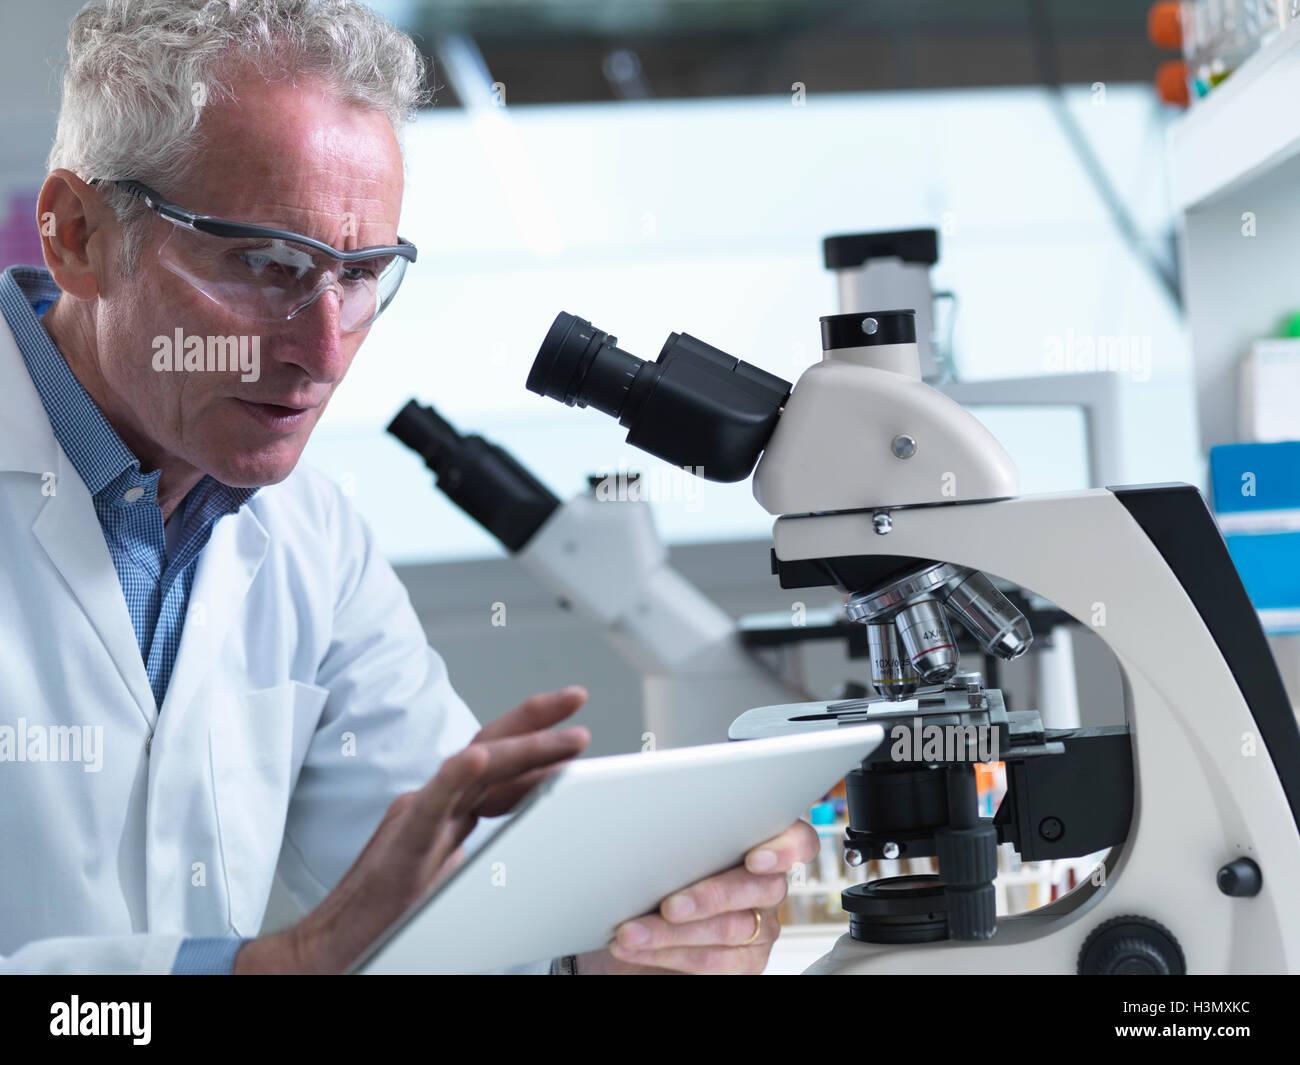 Anzeigen von Informationen auf digital-Tablette in einem Labor Forscher Stockbild